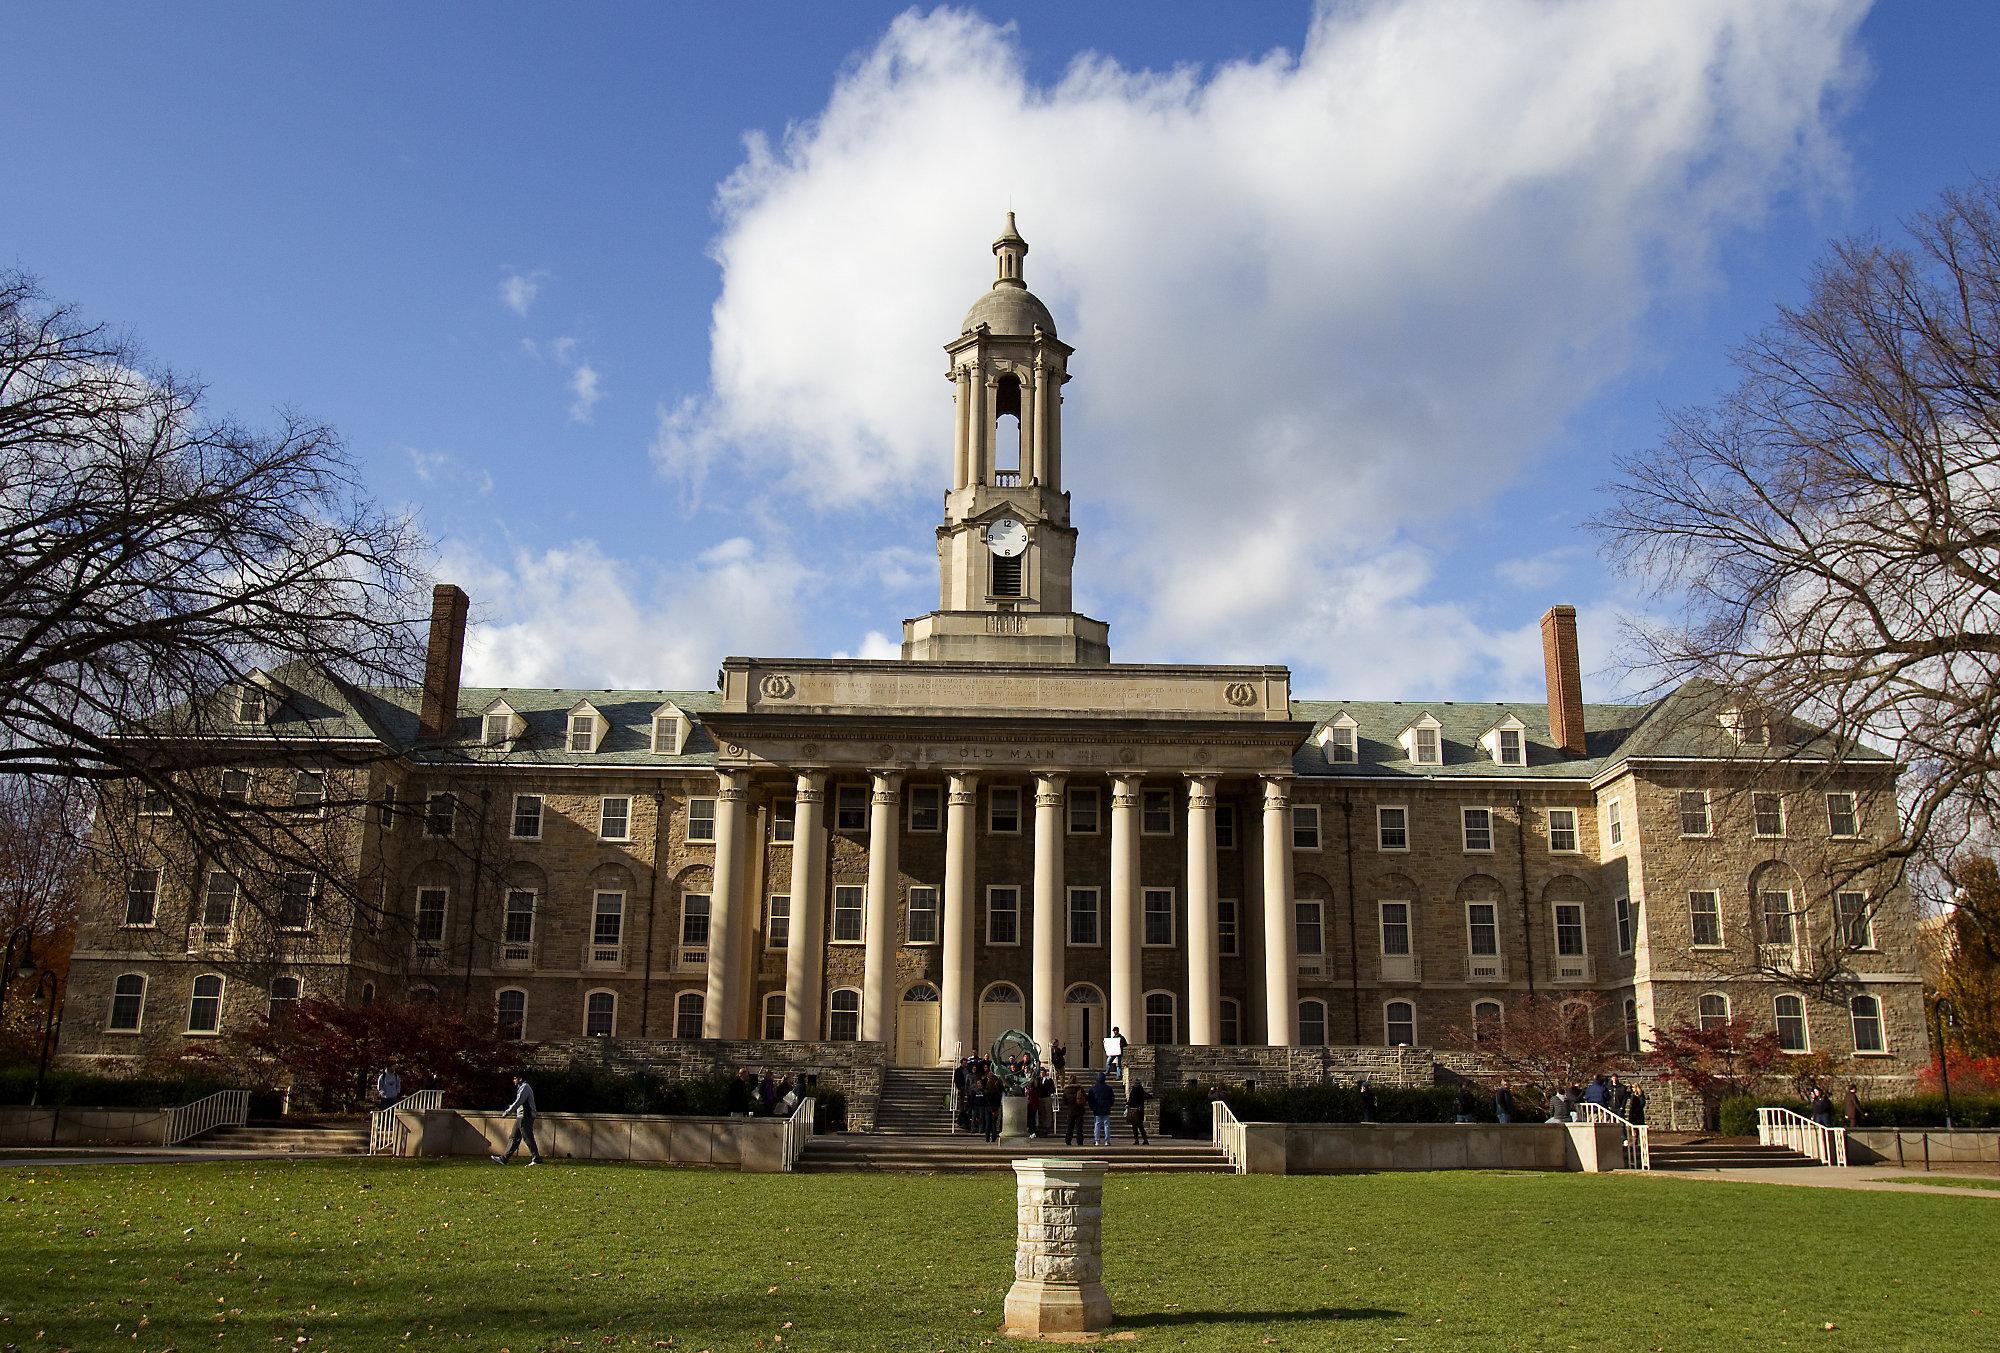 西北大学就更厉害了,是美国排名前20的大学,没点底气还真是不敢申请呢